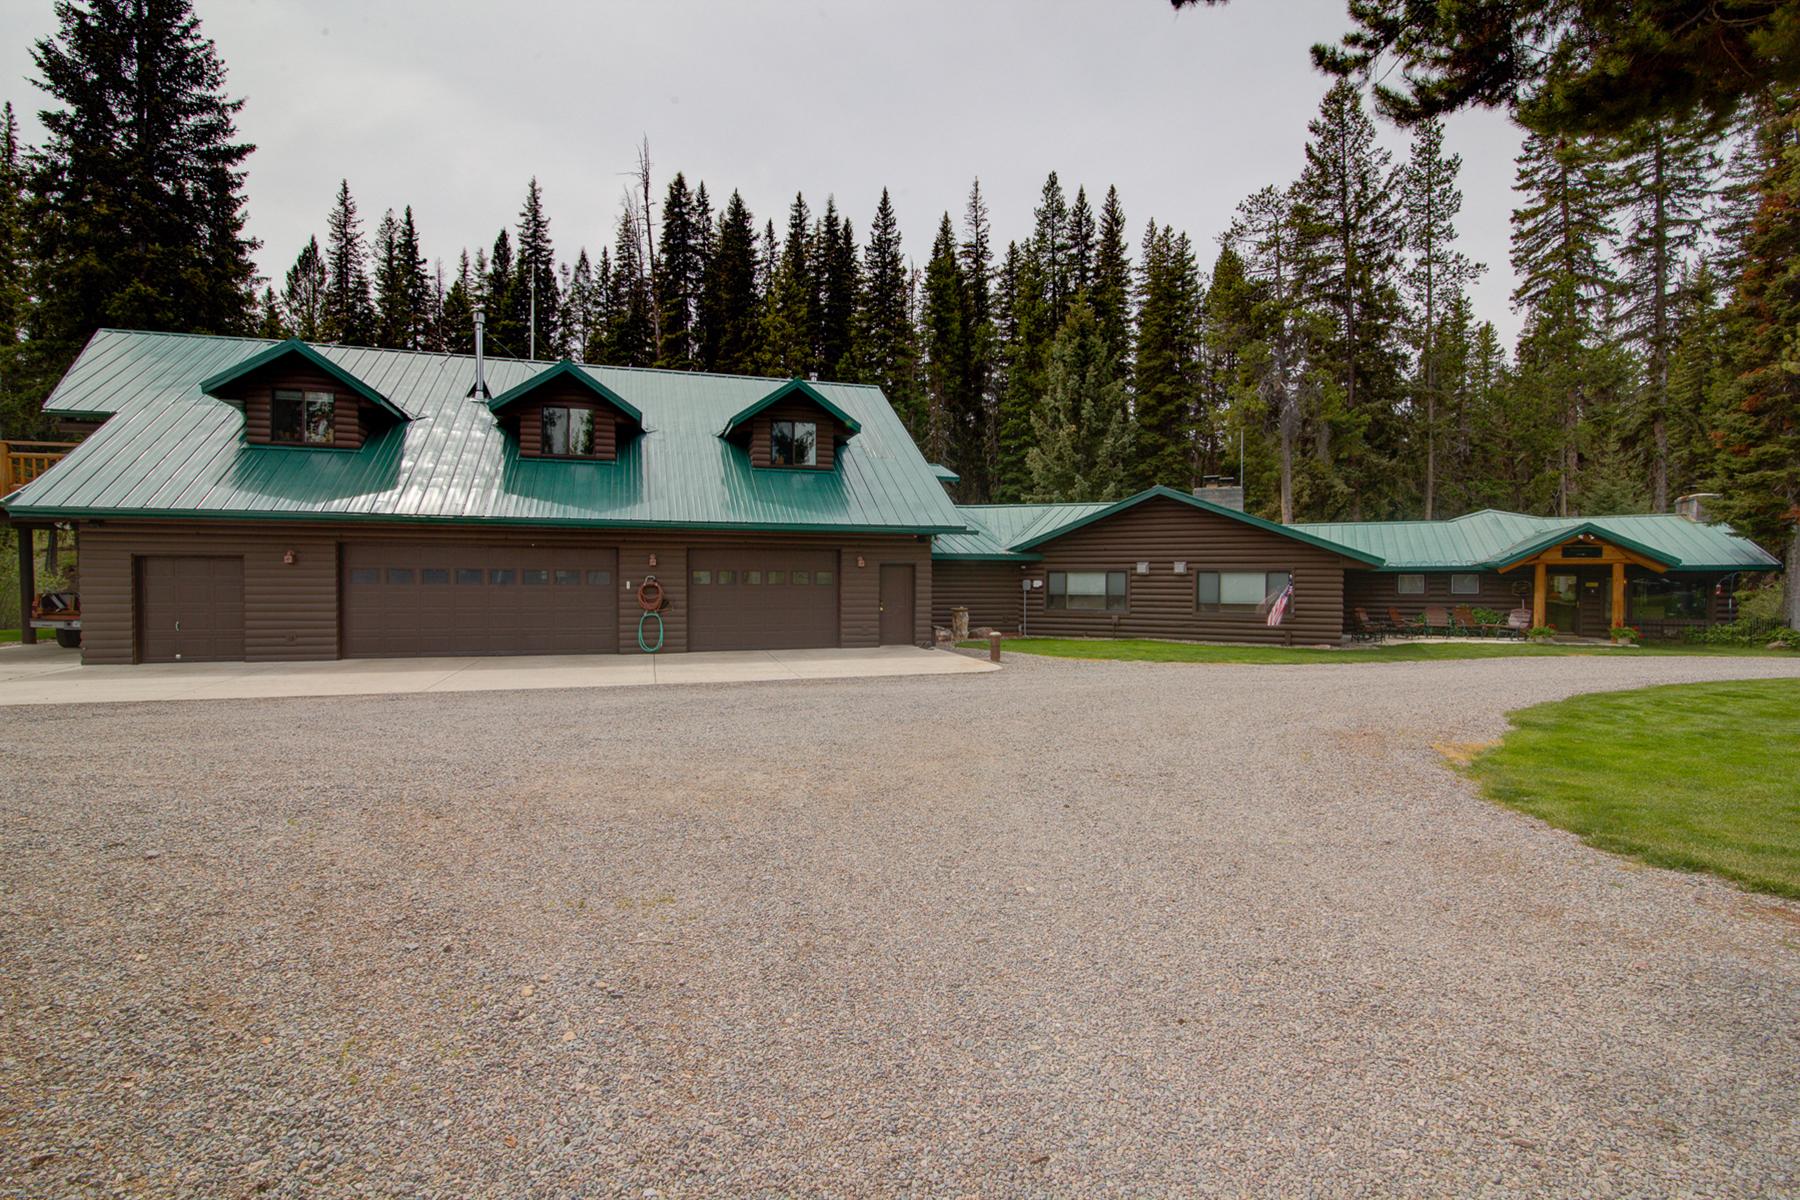 Частный односемейный дом для того Продажа на 5730 MT Hwy 279 5730 Mt Highway 279 Lincoln, Монтана, 59639 Соединенные Штаты